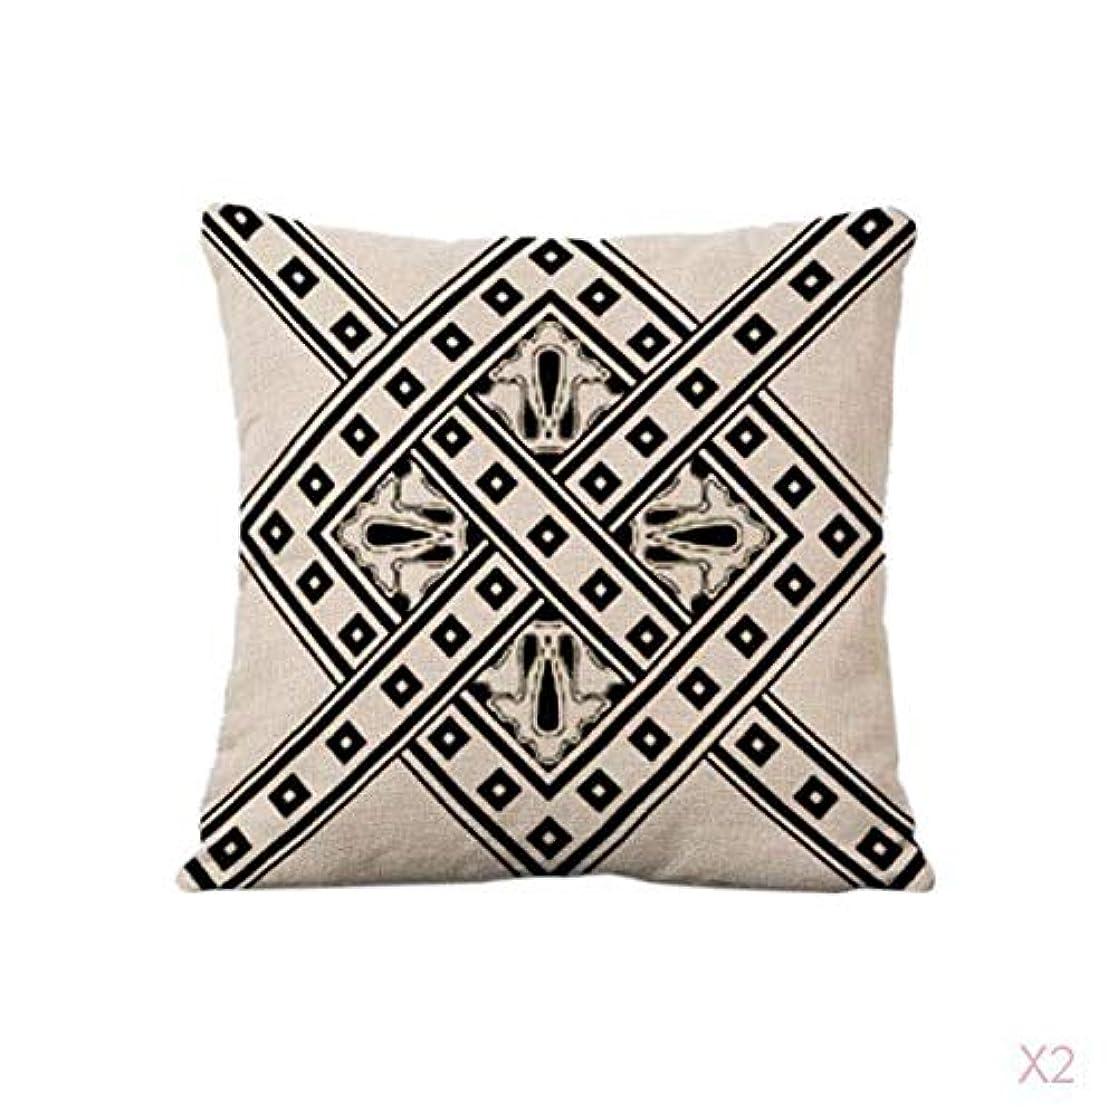 羨望スノーケル反響するクッションカバー5色シンプルな幾何学模様のリネンソファー腰枕カバー